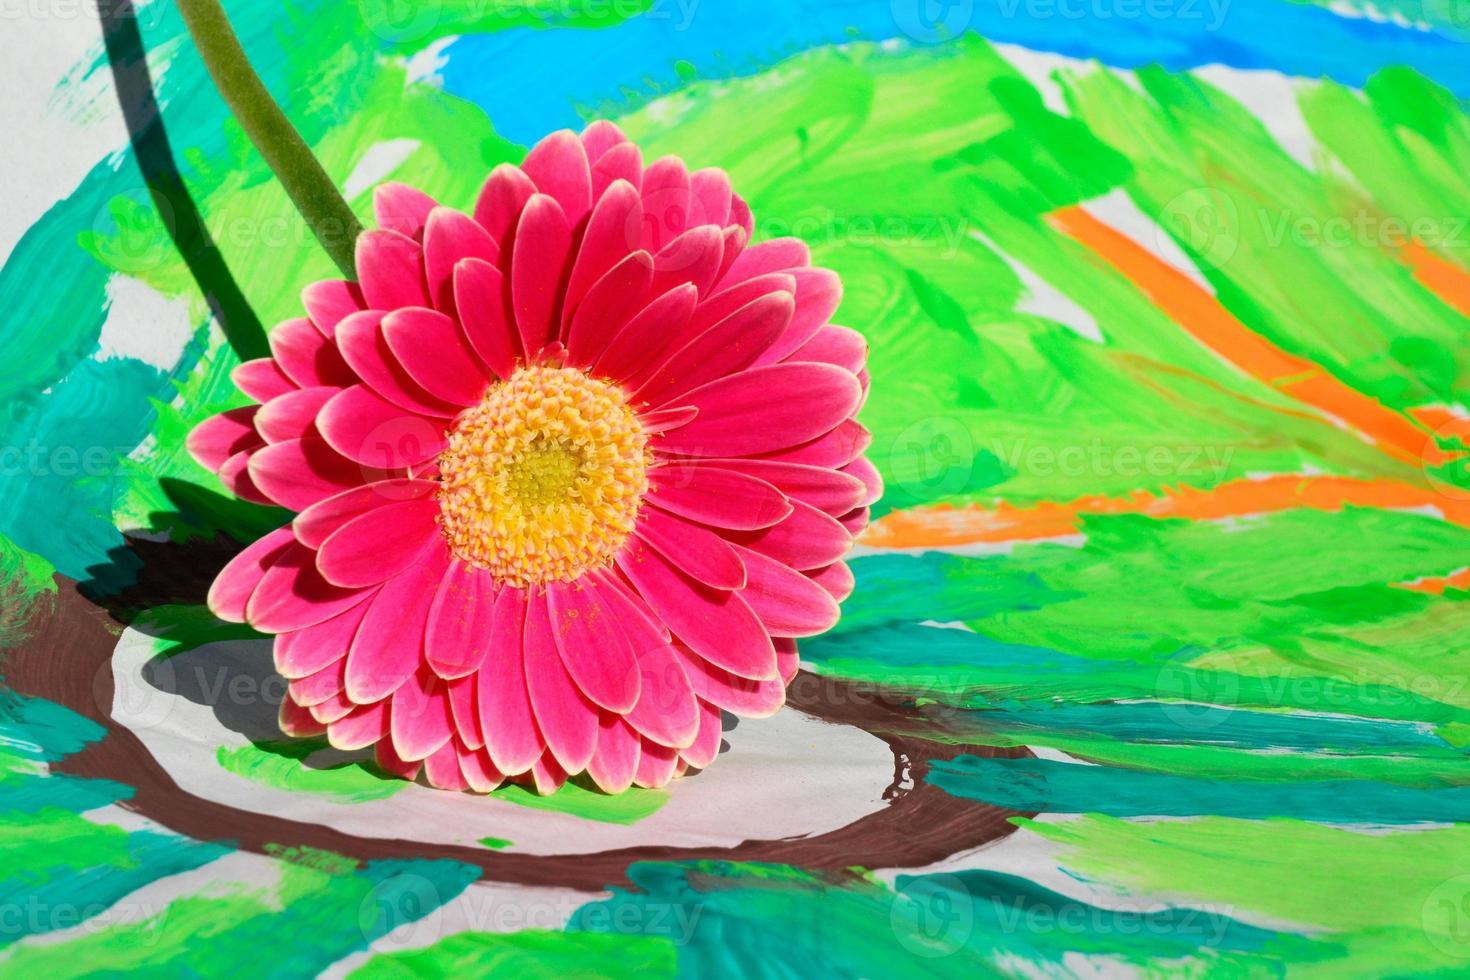 margarida rosa gerber na criança colorida pintura com espaço de cópia foto